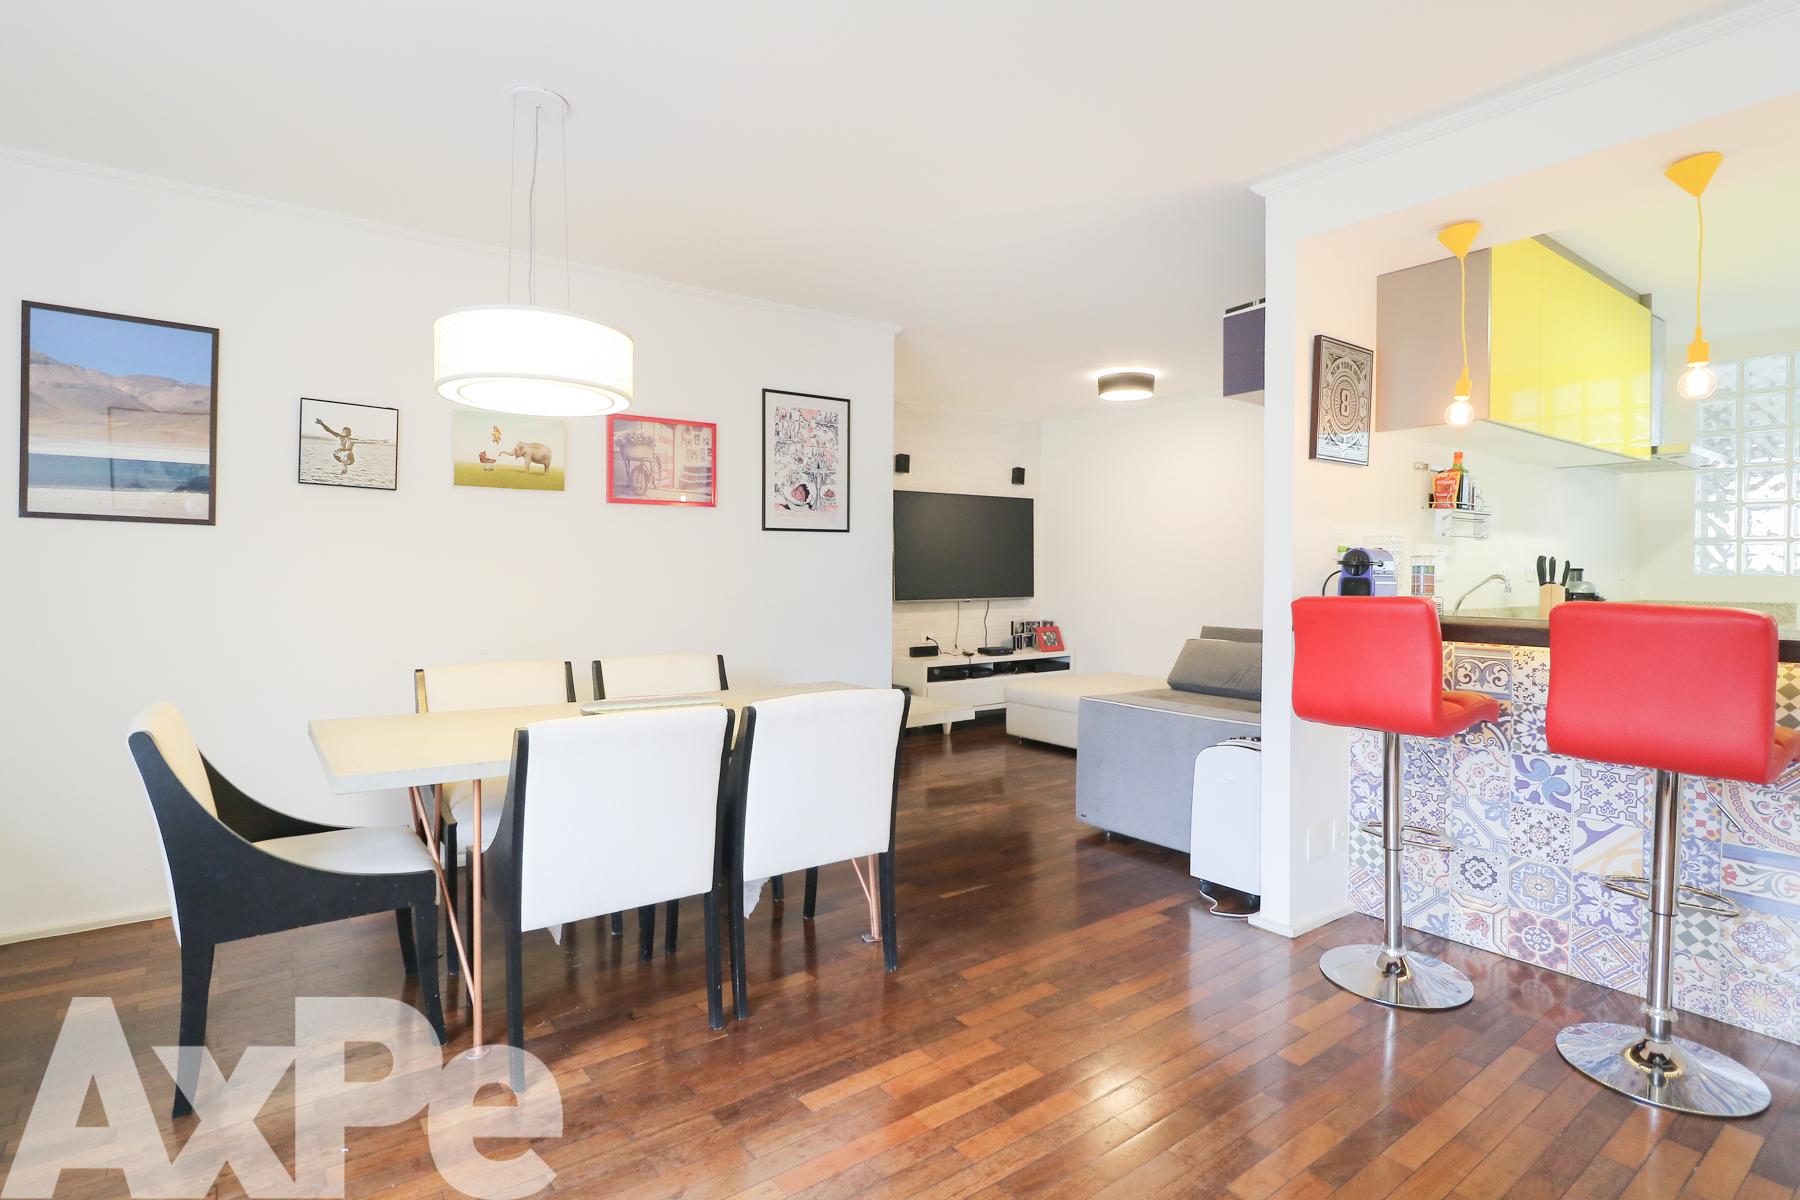 Axpe Apartamento - AX129841